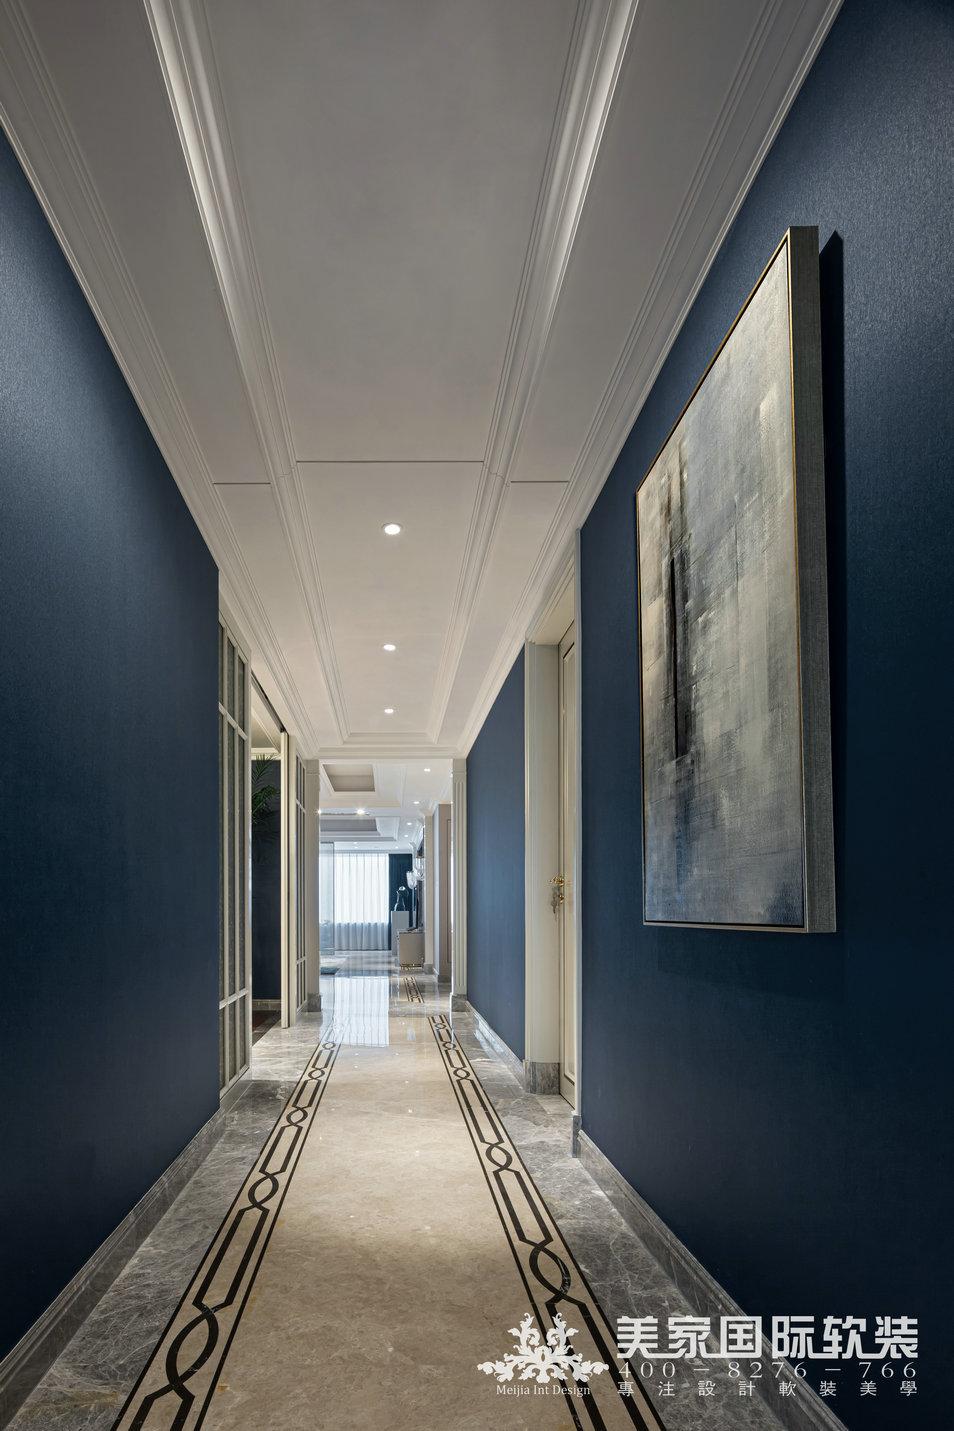 嘉潤公館軟裝設計實景案例——292㎡現代法式走廊設計實景圖